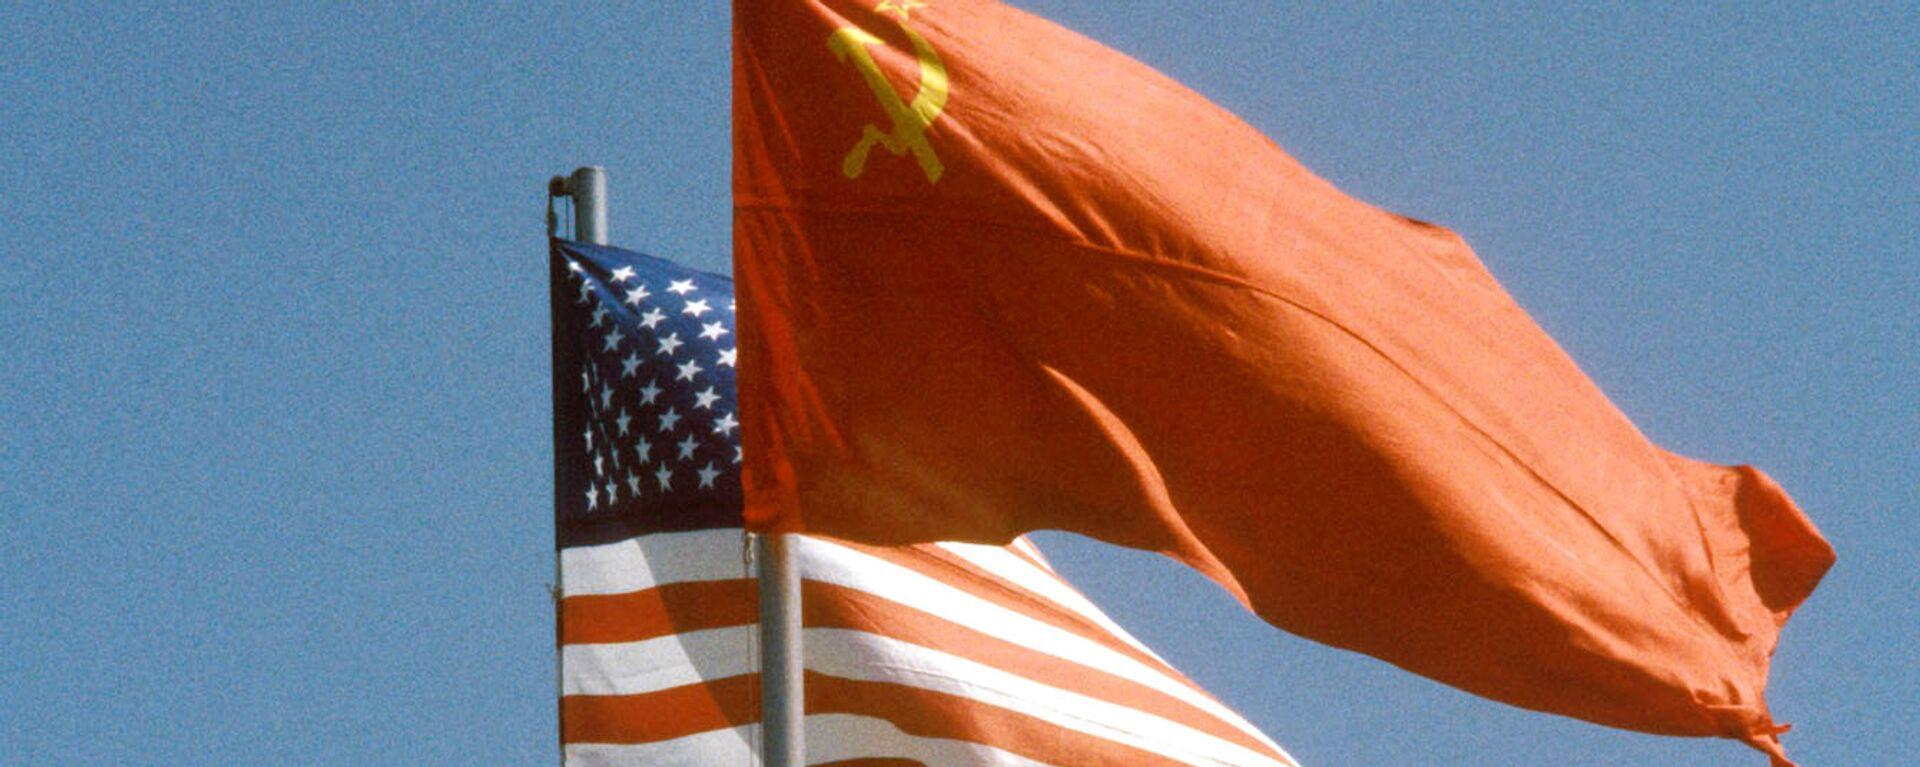 La banderas de la URSS y EEUU - Sputnik Mundo, 1920, 05.03.2021